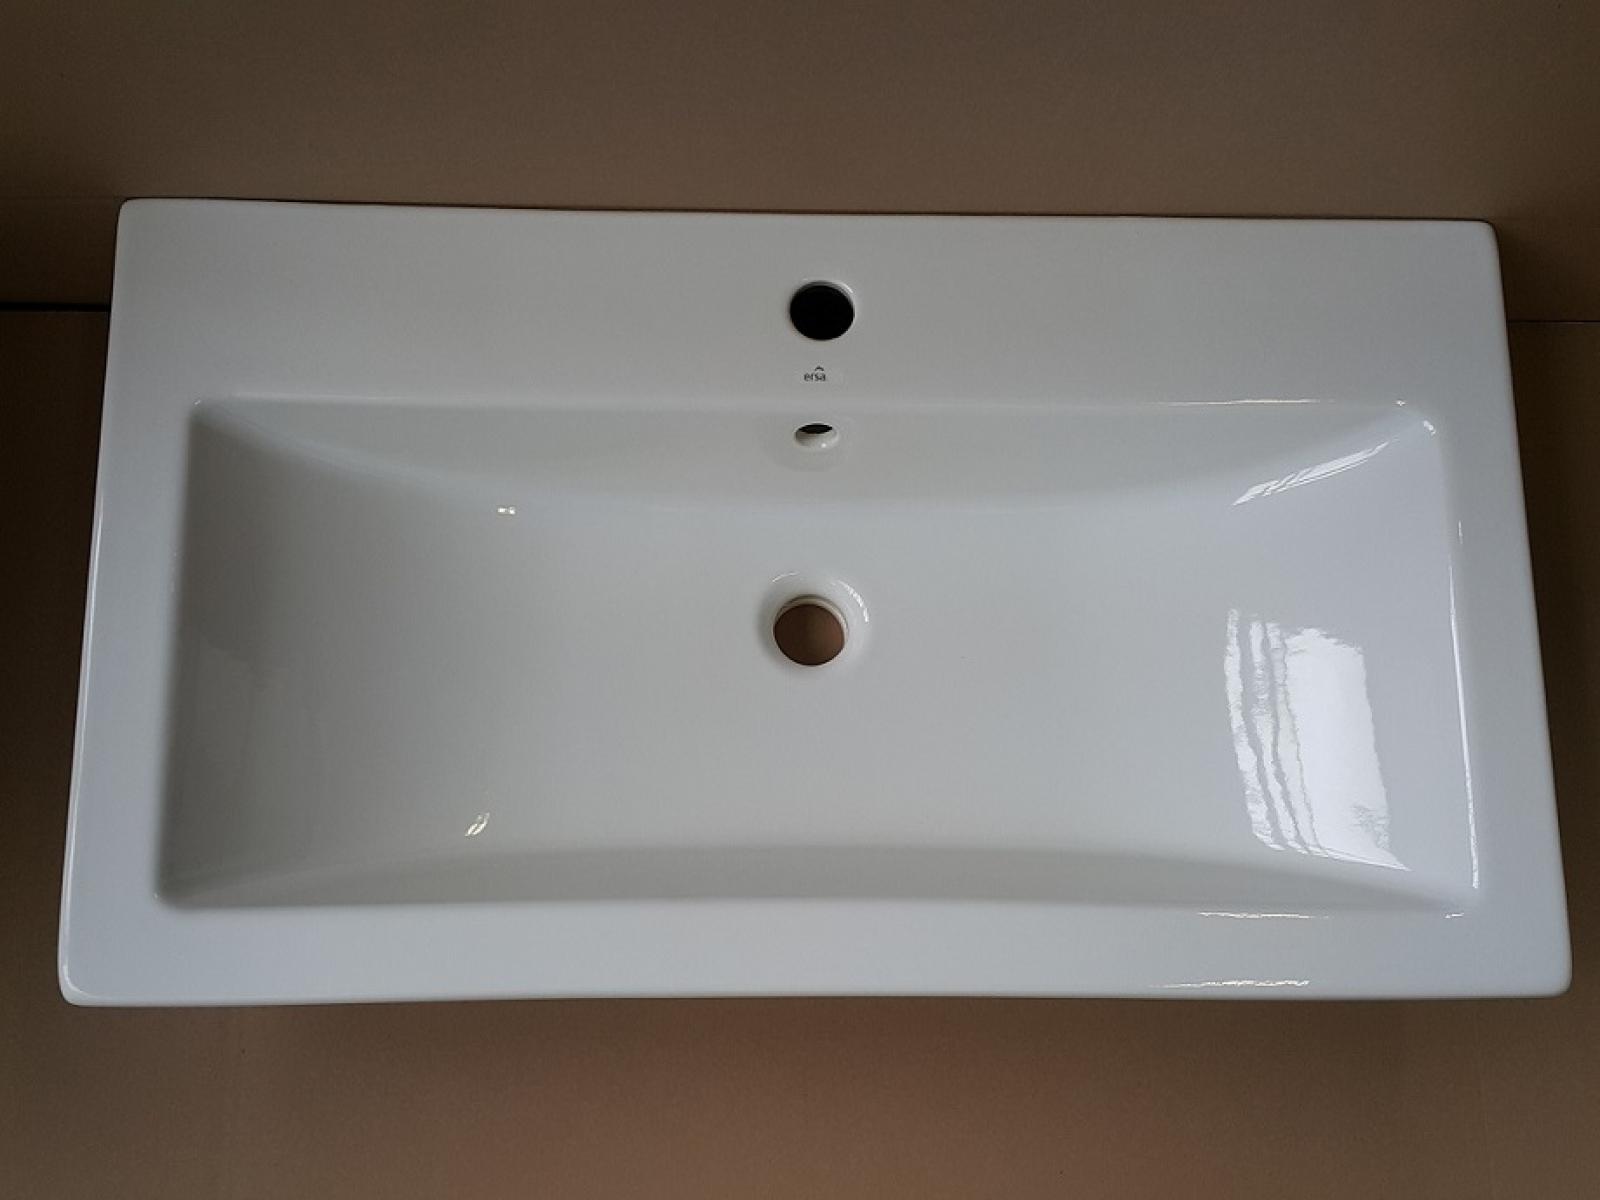 Badmöbel Set Werner XXL 1 Aubergine Hochglanz/ Weiß KERAMIK Waschbecken  Badezimmer Led Beleuchtung Badezimmermöbel Lila Violett Keramikbecken  Spiegelschrank